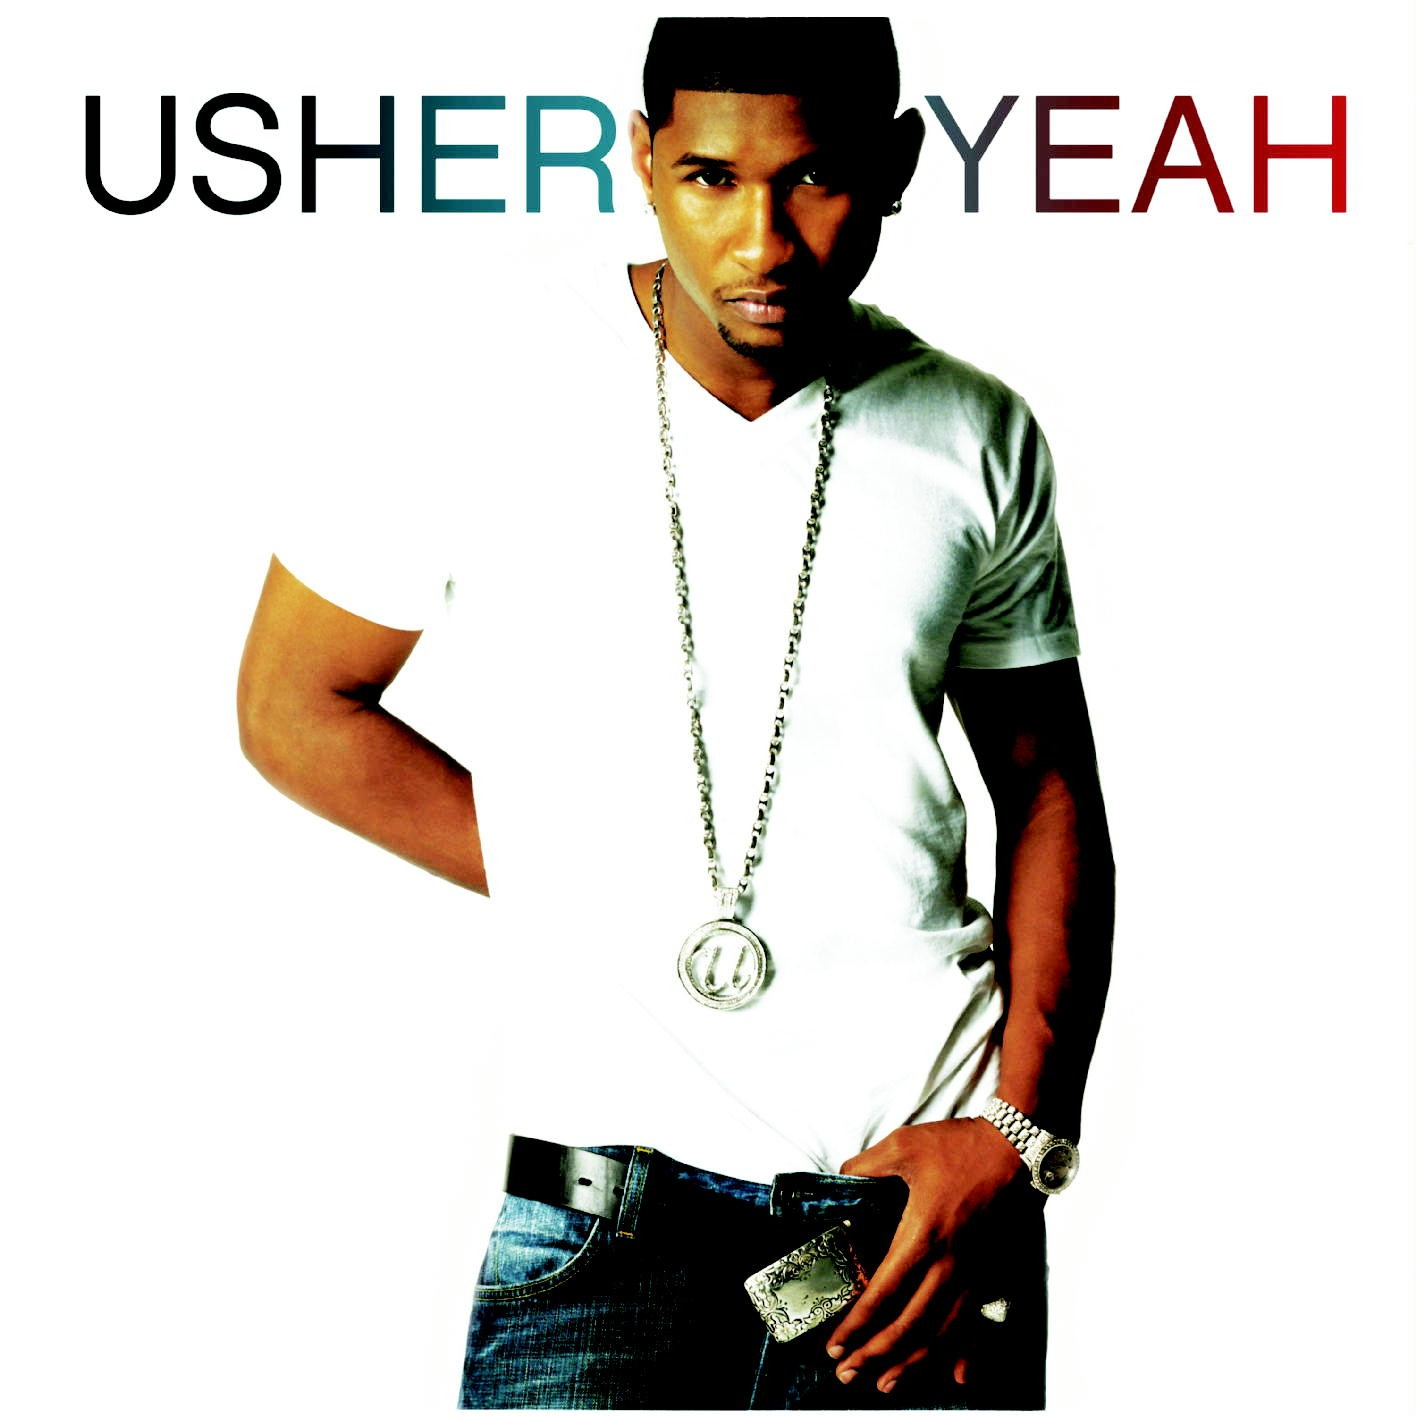 Usher Album Cover Coverlandia - The #1 P...